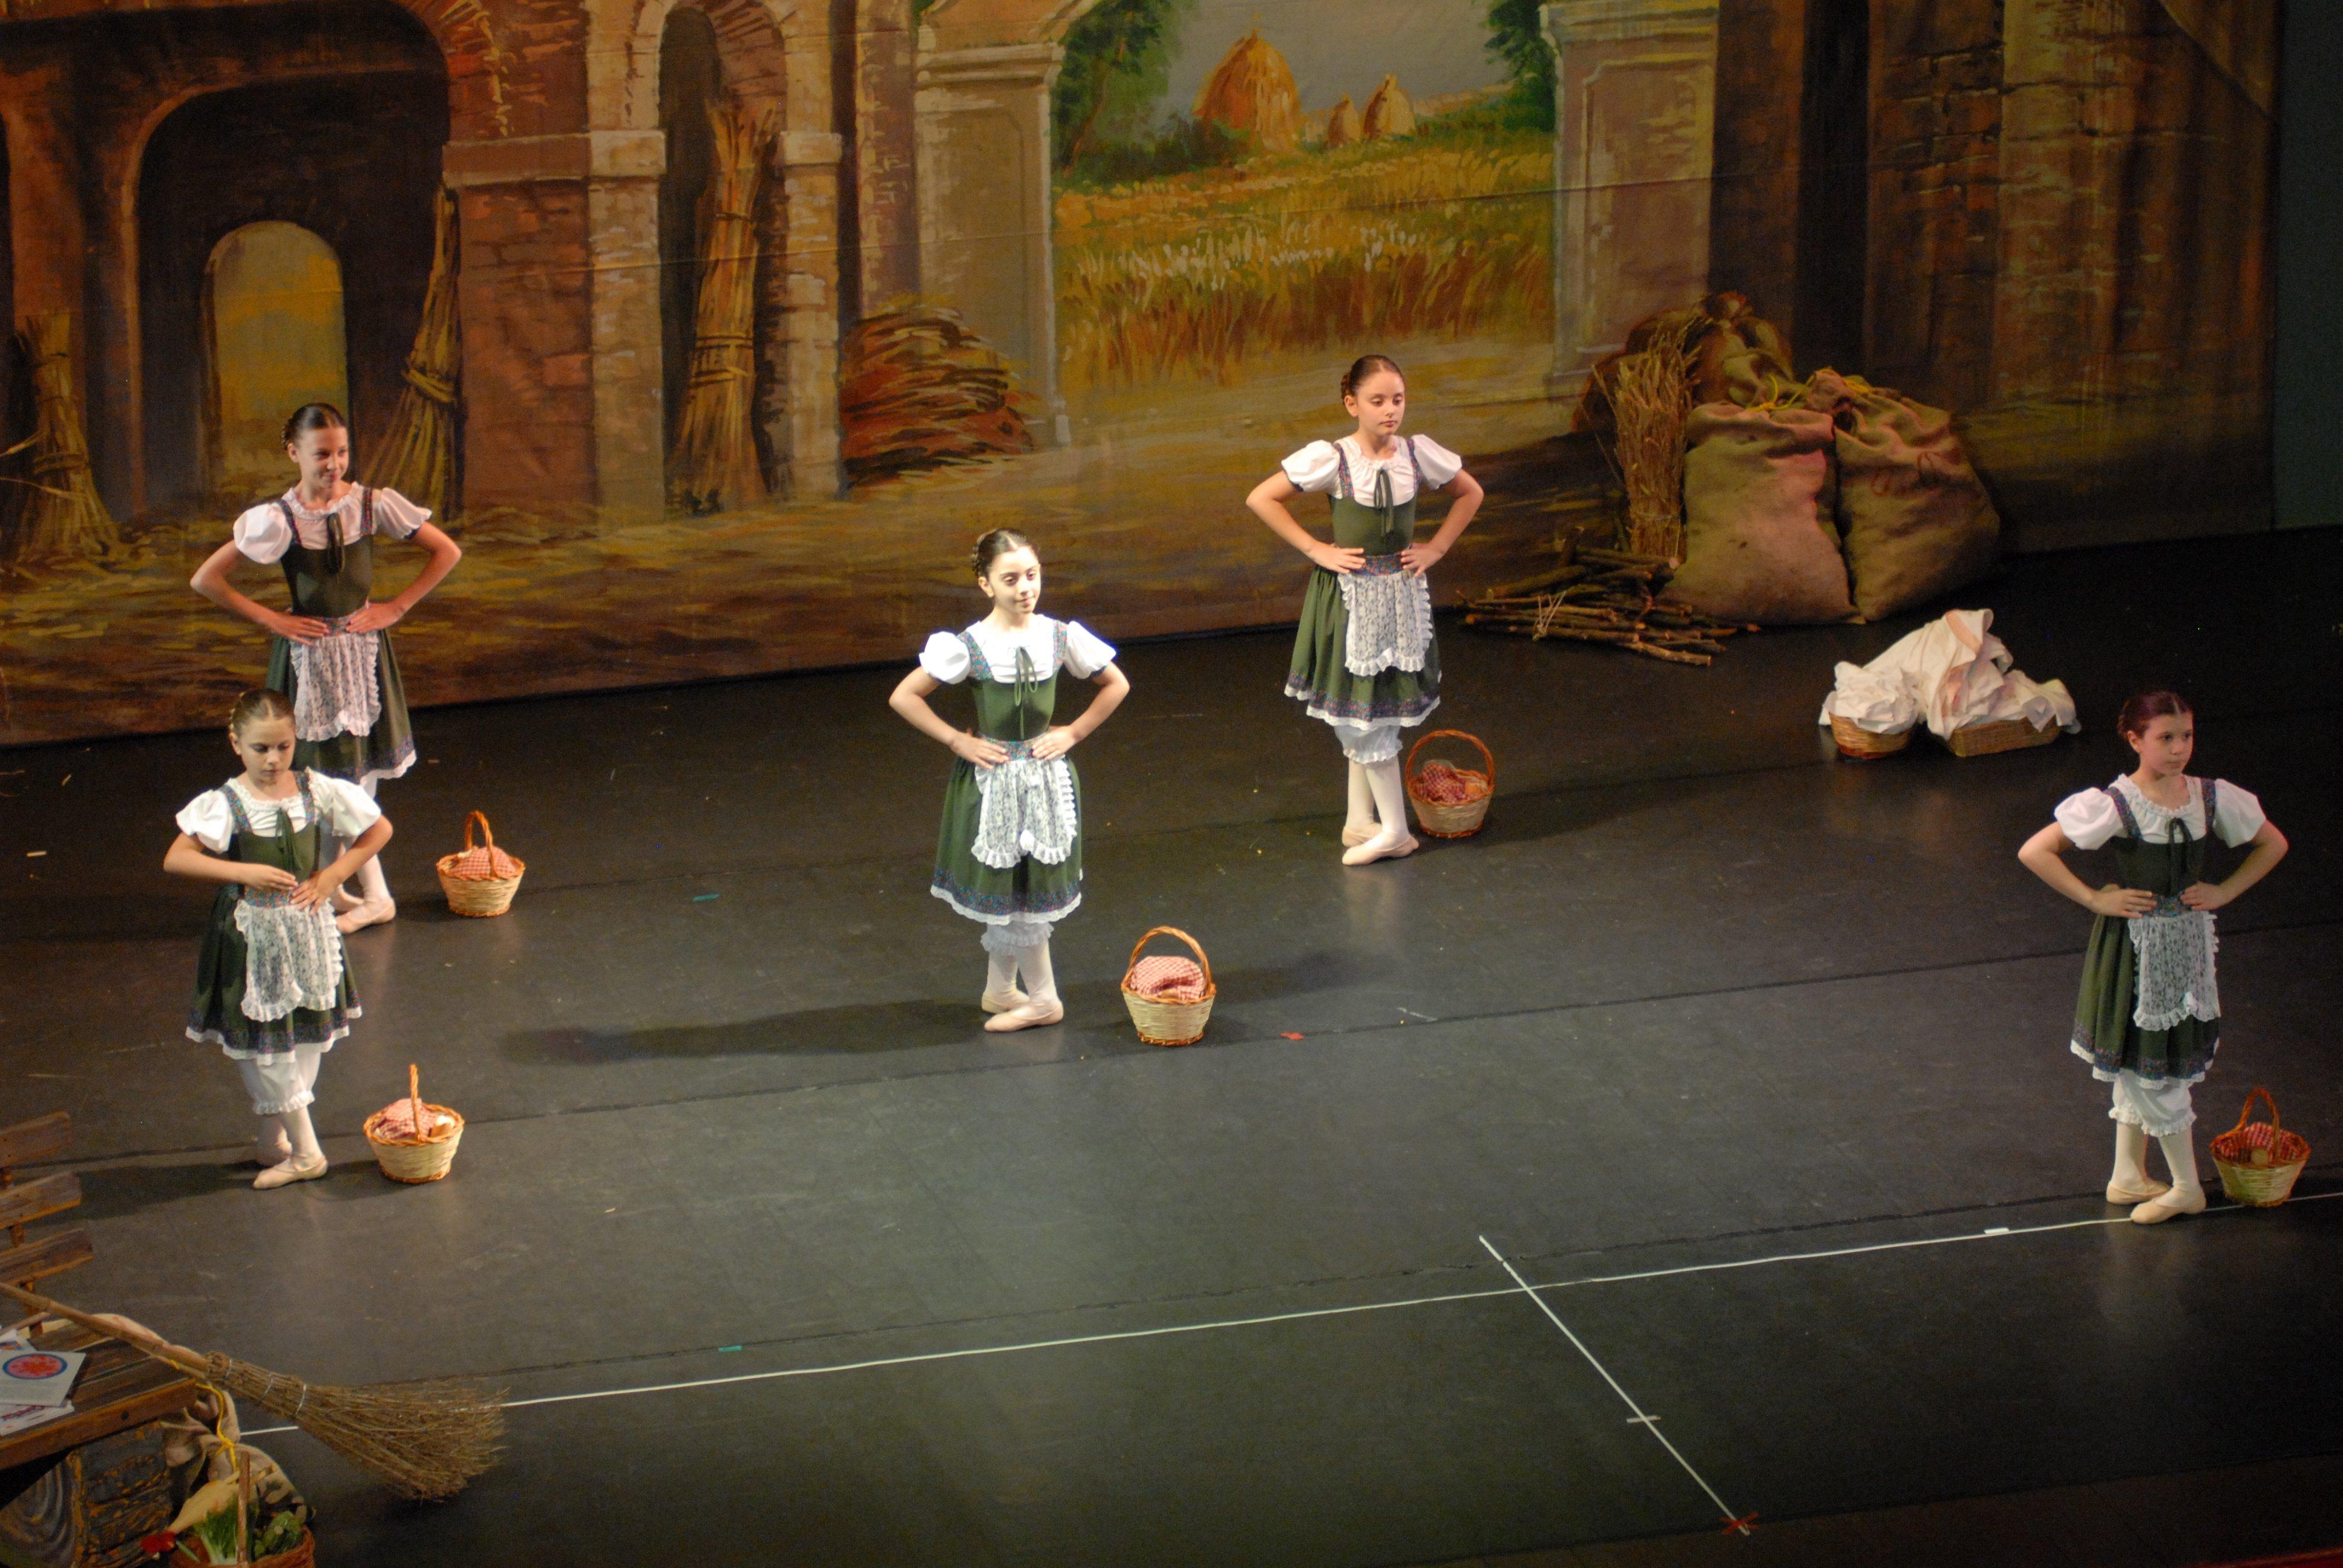 delle bambine durante uno spettacolo vestite da contadine con dei cestini di paglia accanto